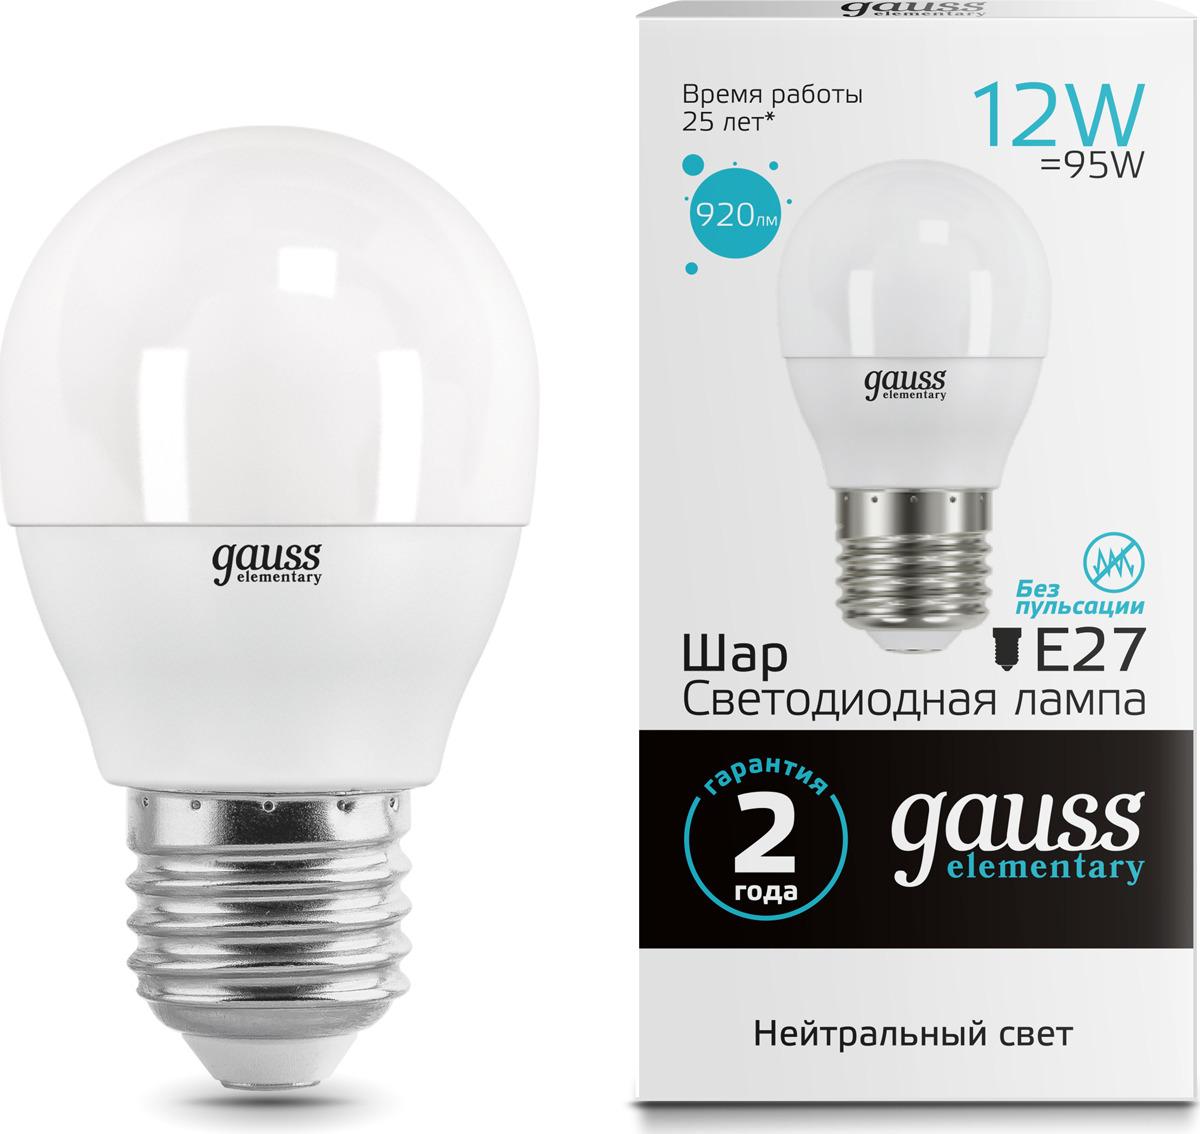 Лампочка Gauss Elementary LED, шар, E27, 12W. 53222